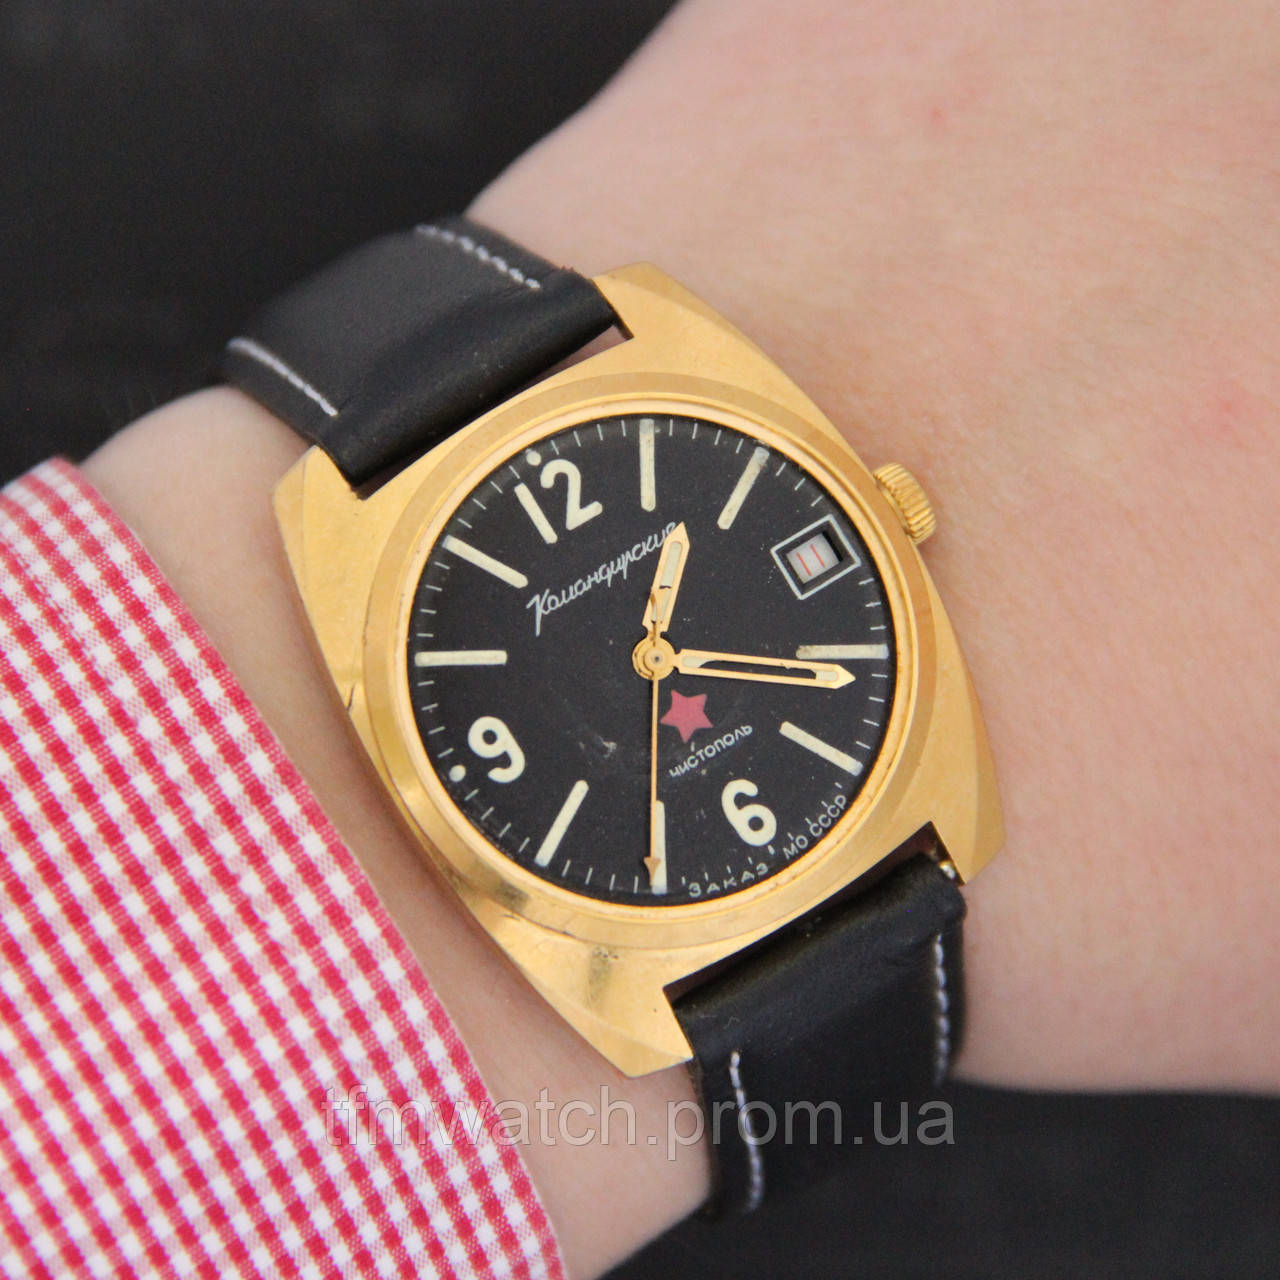 Командирские Чистополь наручные механические часы СССР - Магазин старинных,  винтажных и антикварных часов TFMwatch в a985a99af82